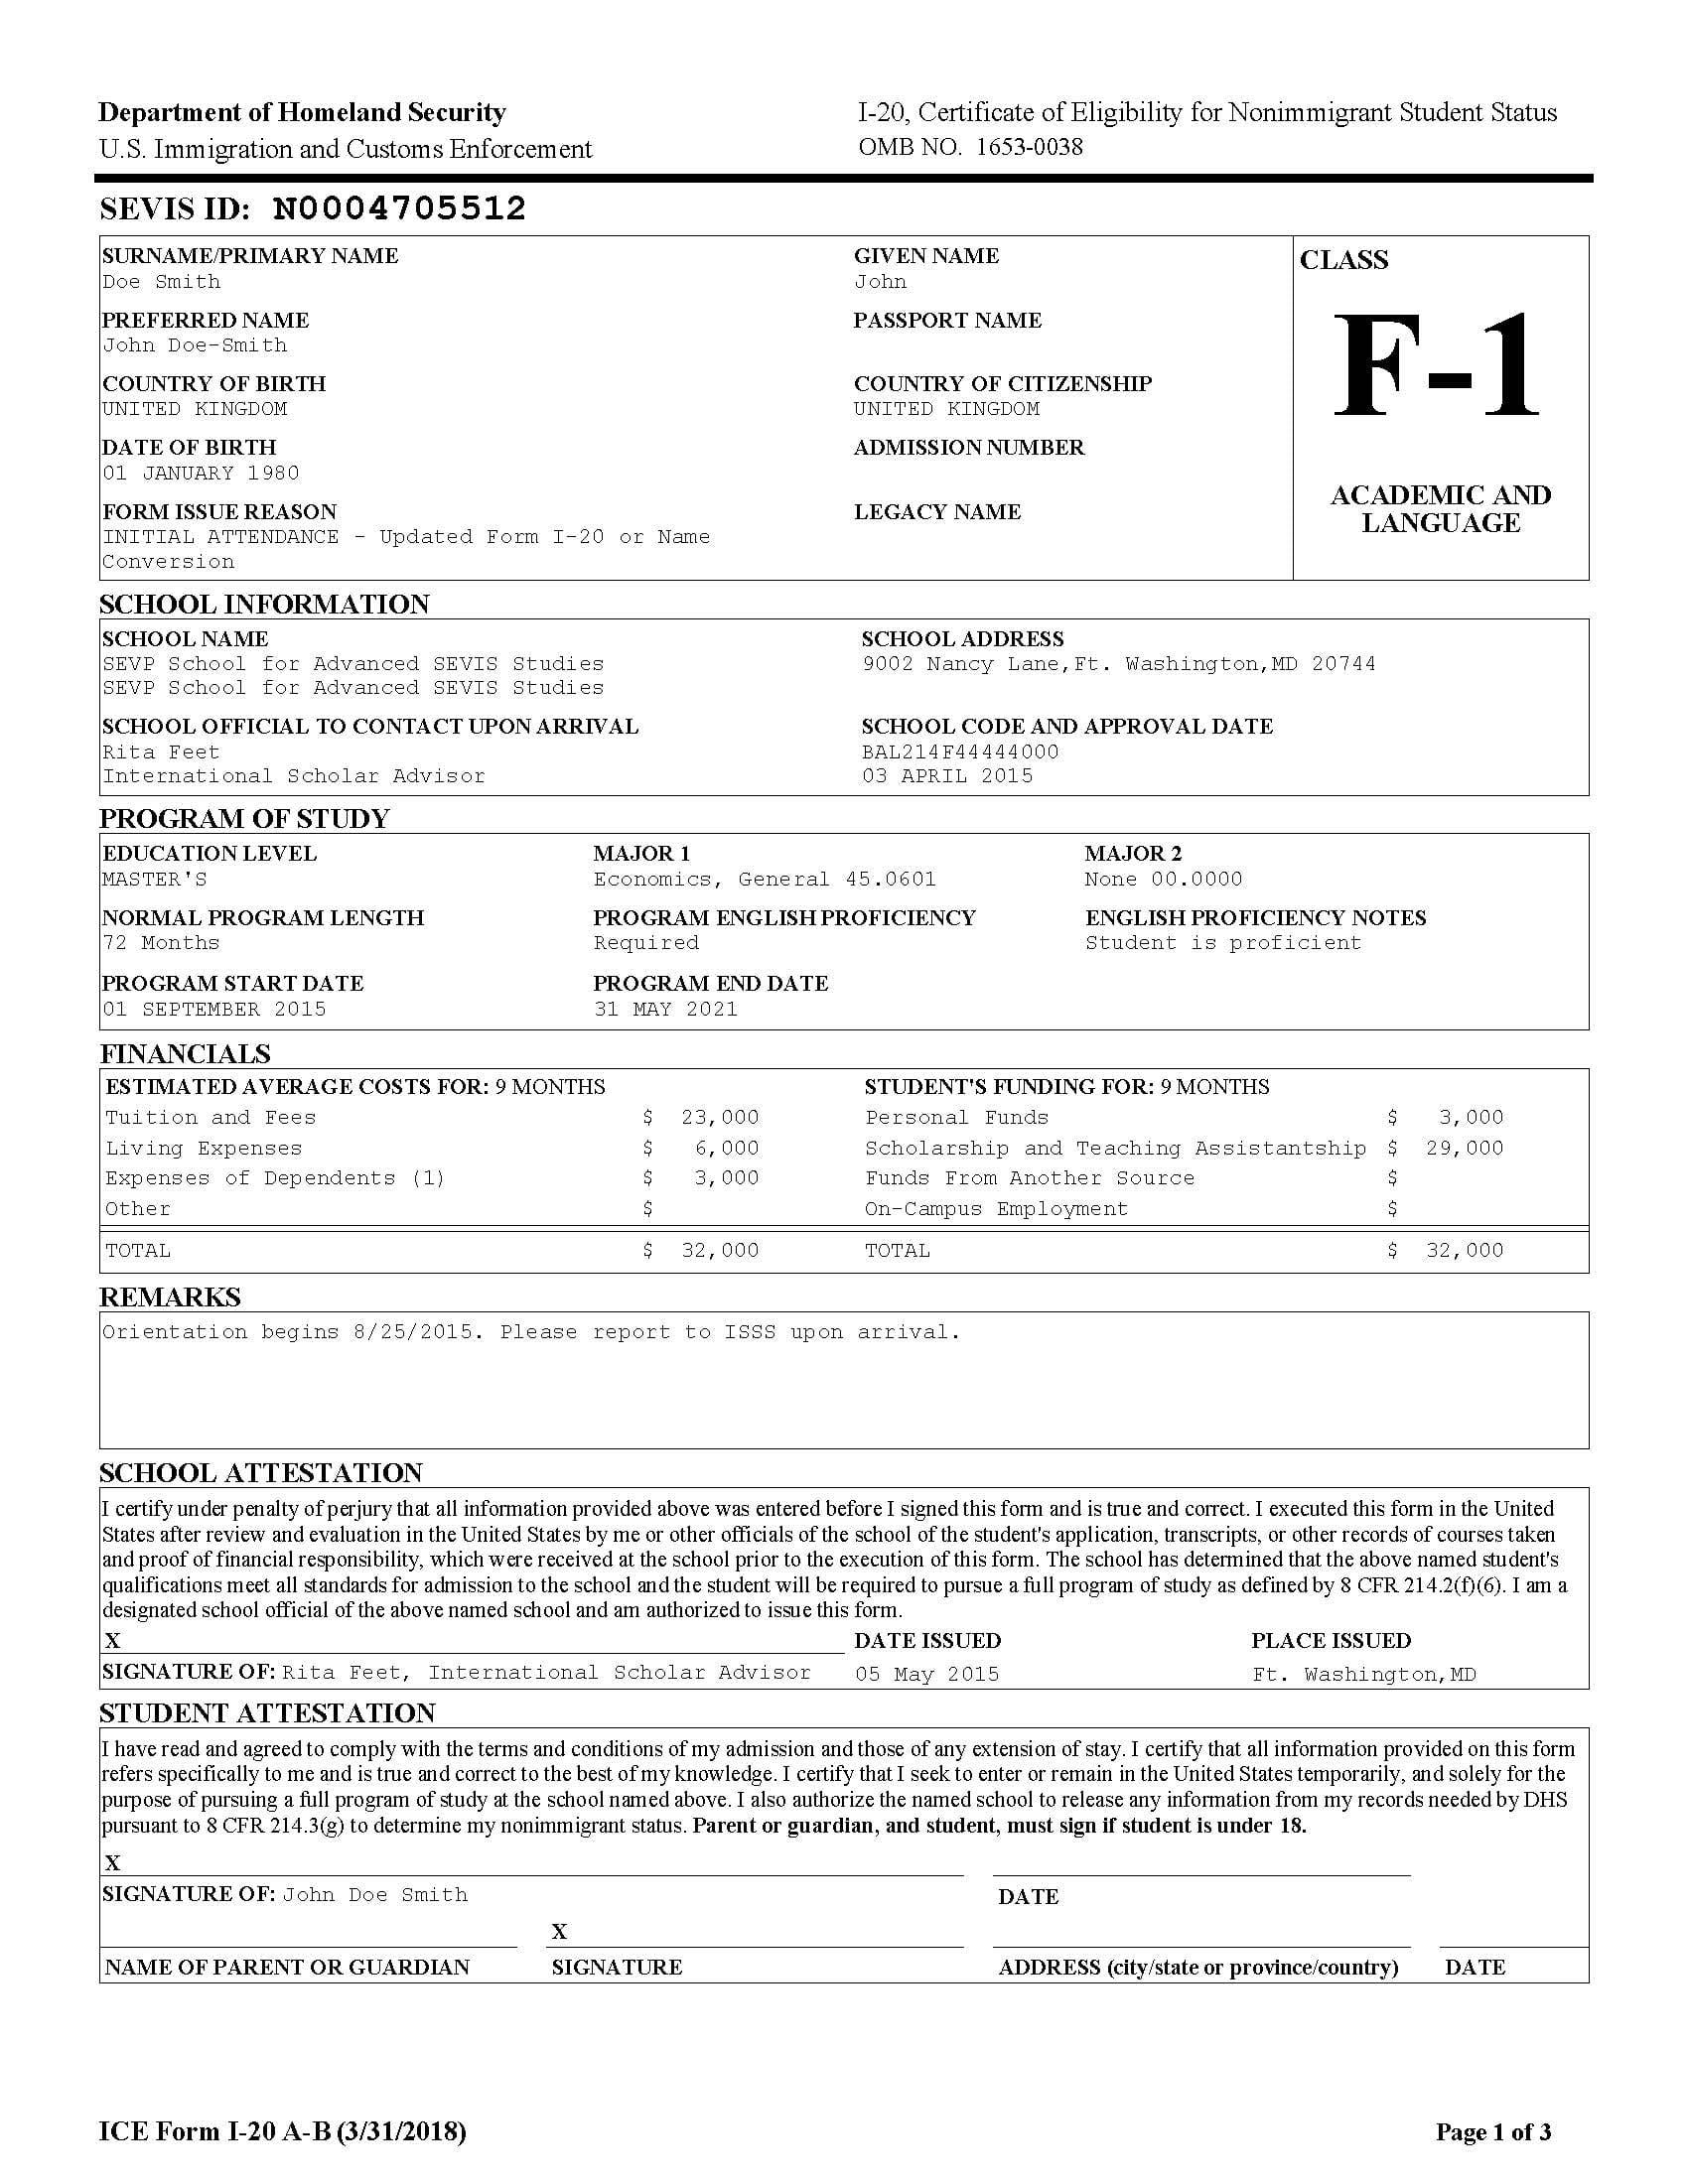 Студенческая виза F-1 в США